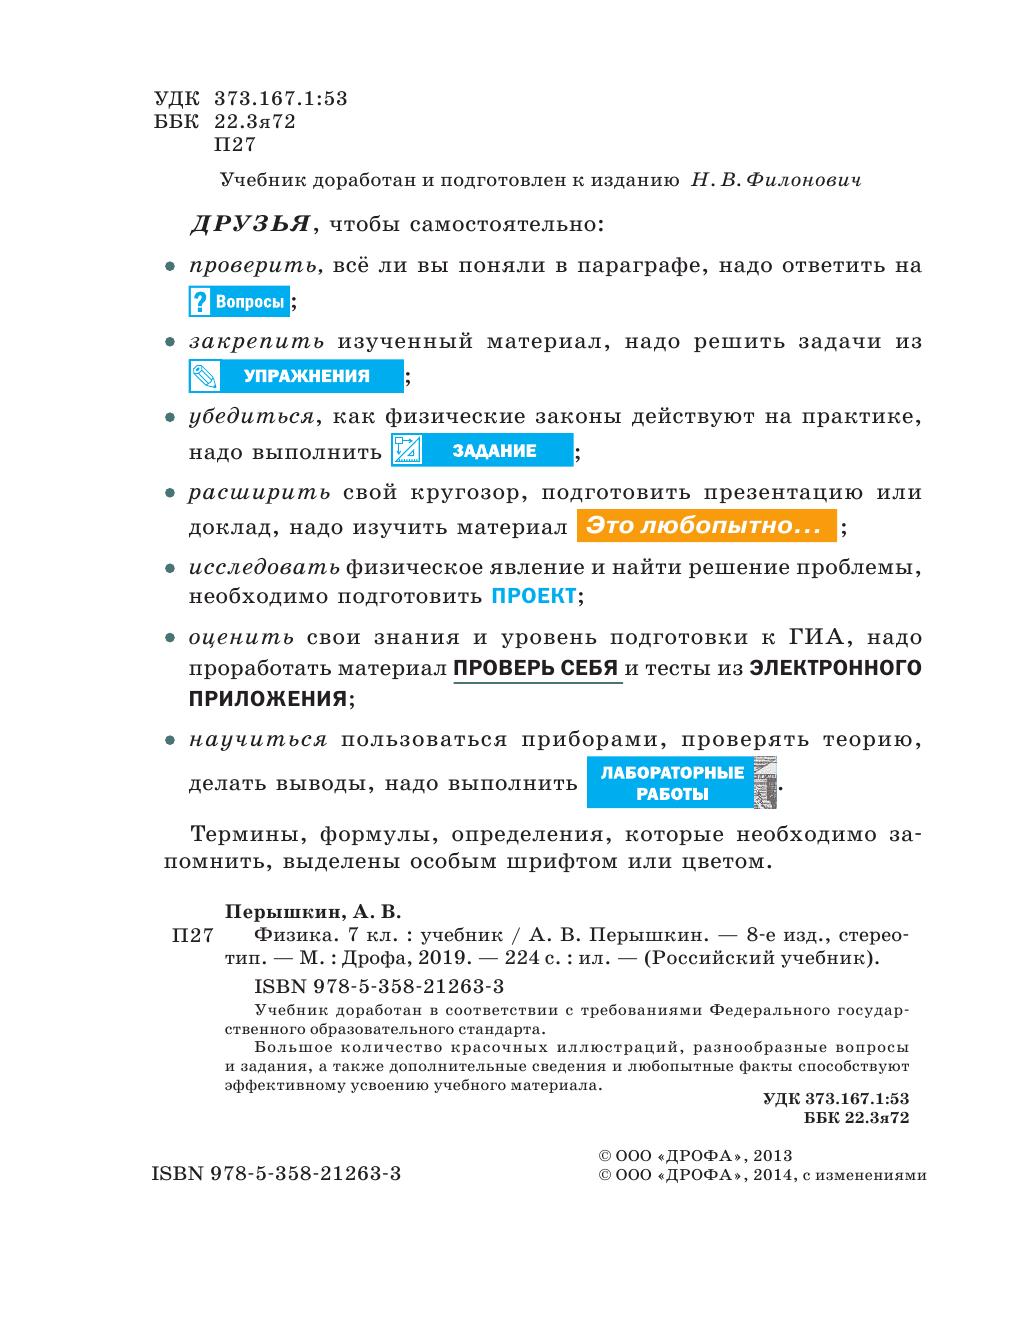 otnoshenie-bethovenu-krasochnaya-prezentatsiya-po-fizike-7-klass-plotnost-veshestva-tir-300